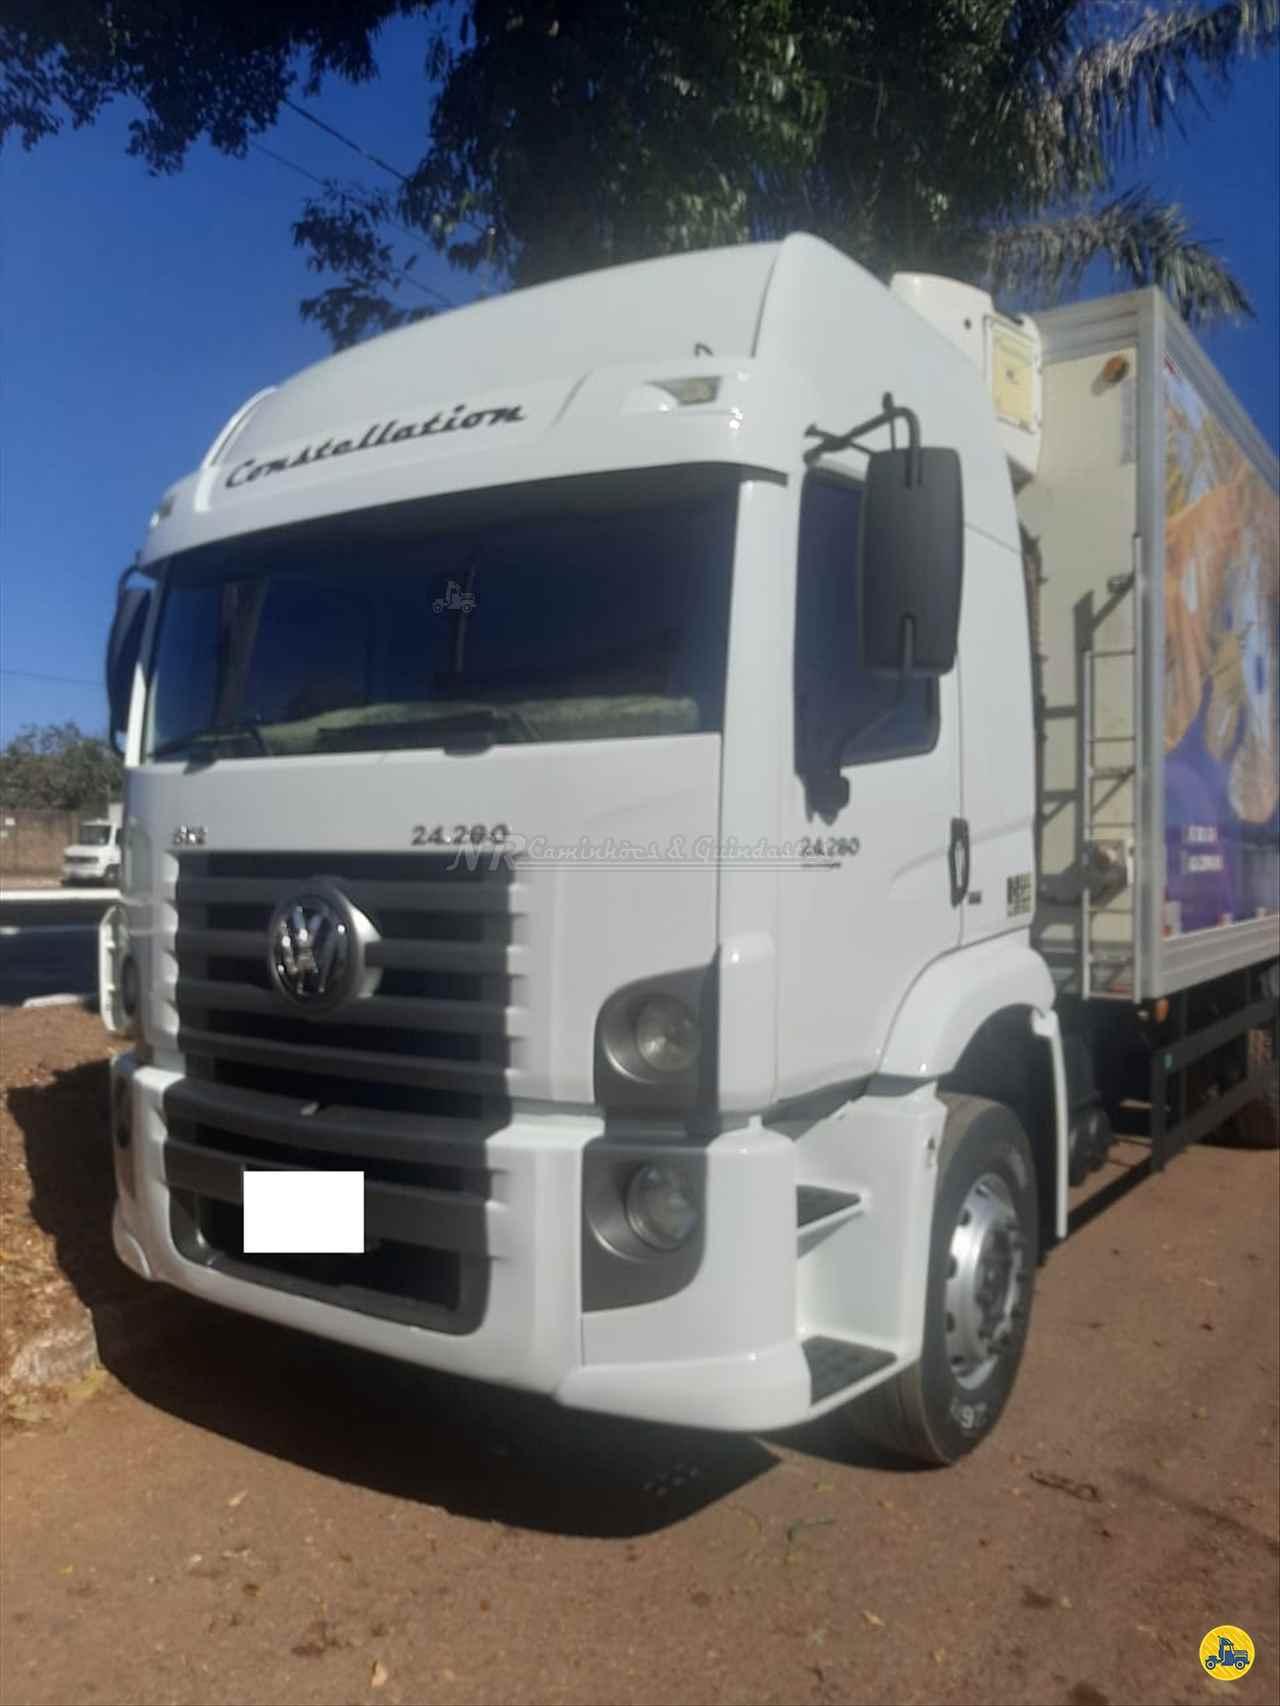 CAMINHAO VOLKSWAGEN VW 24280 Baú Frigorífico Truck 6x2 NR Caminhões e Guindastes GOIANIA GOIAS GO